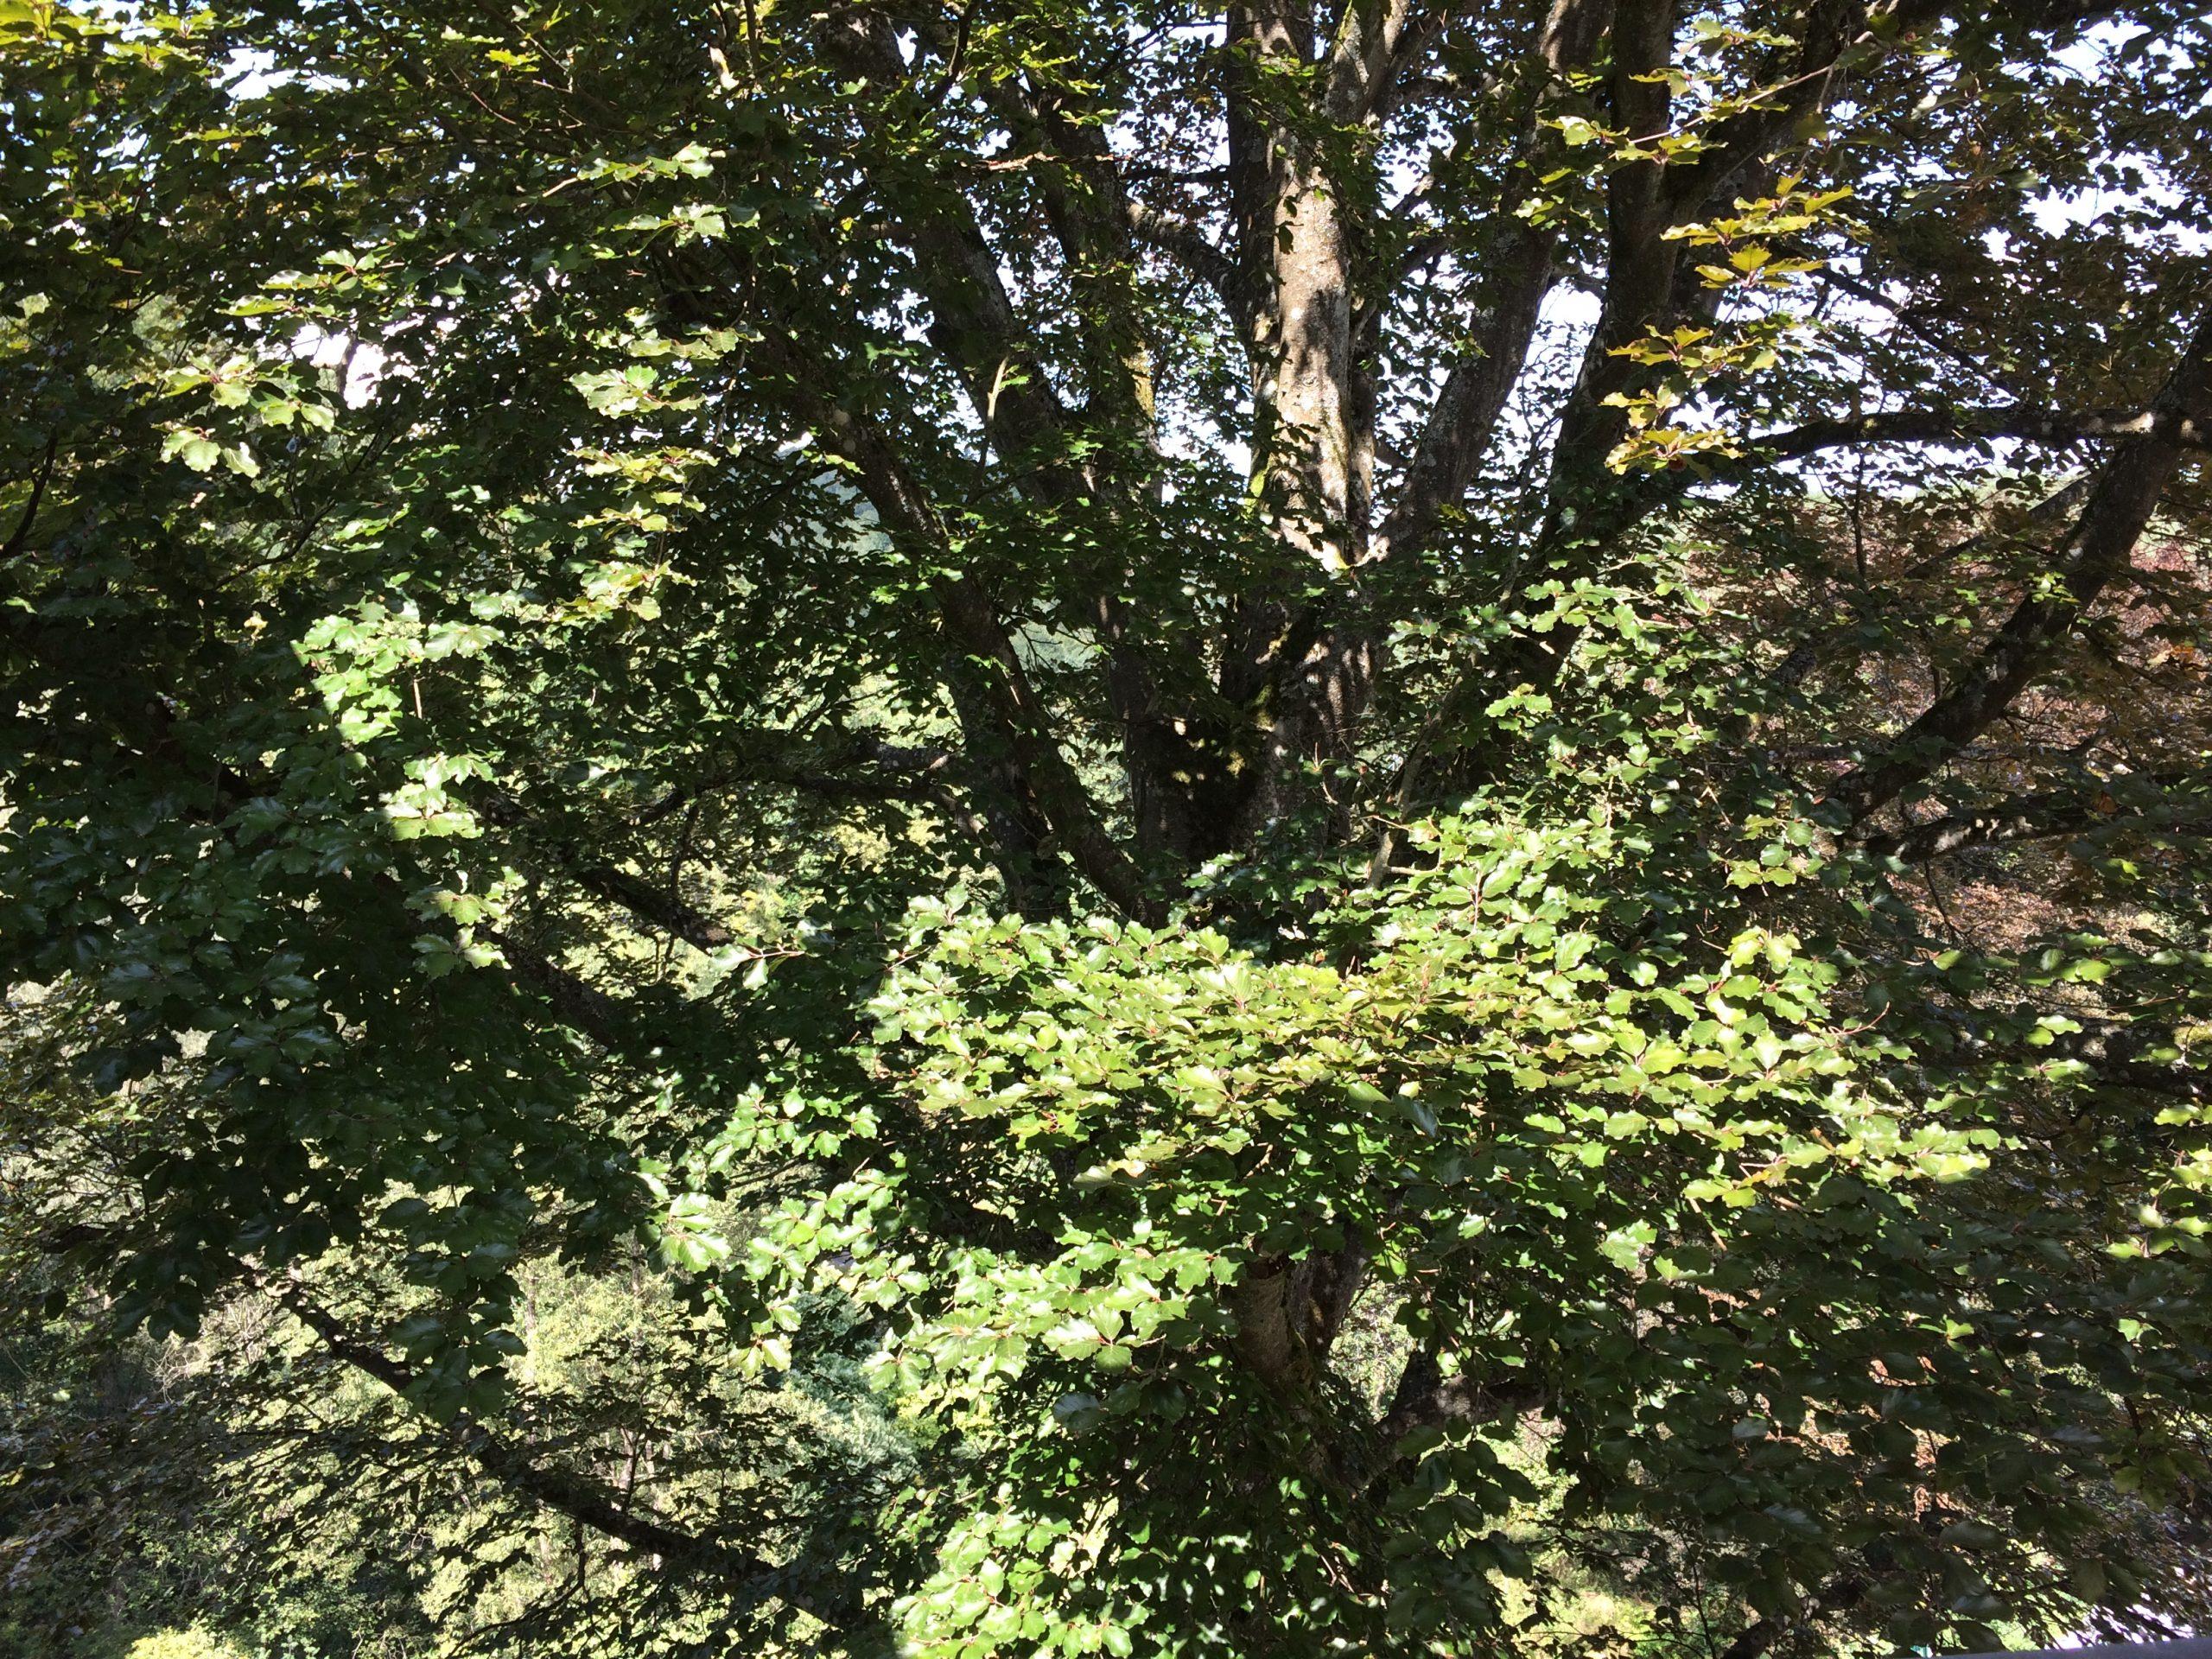 Wanderung und Meditation in der Natur